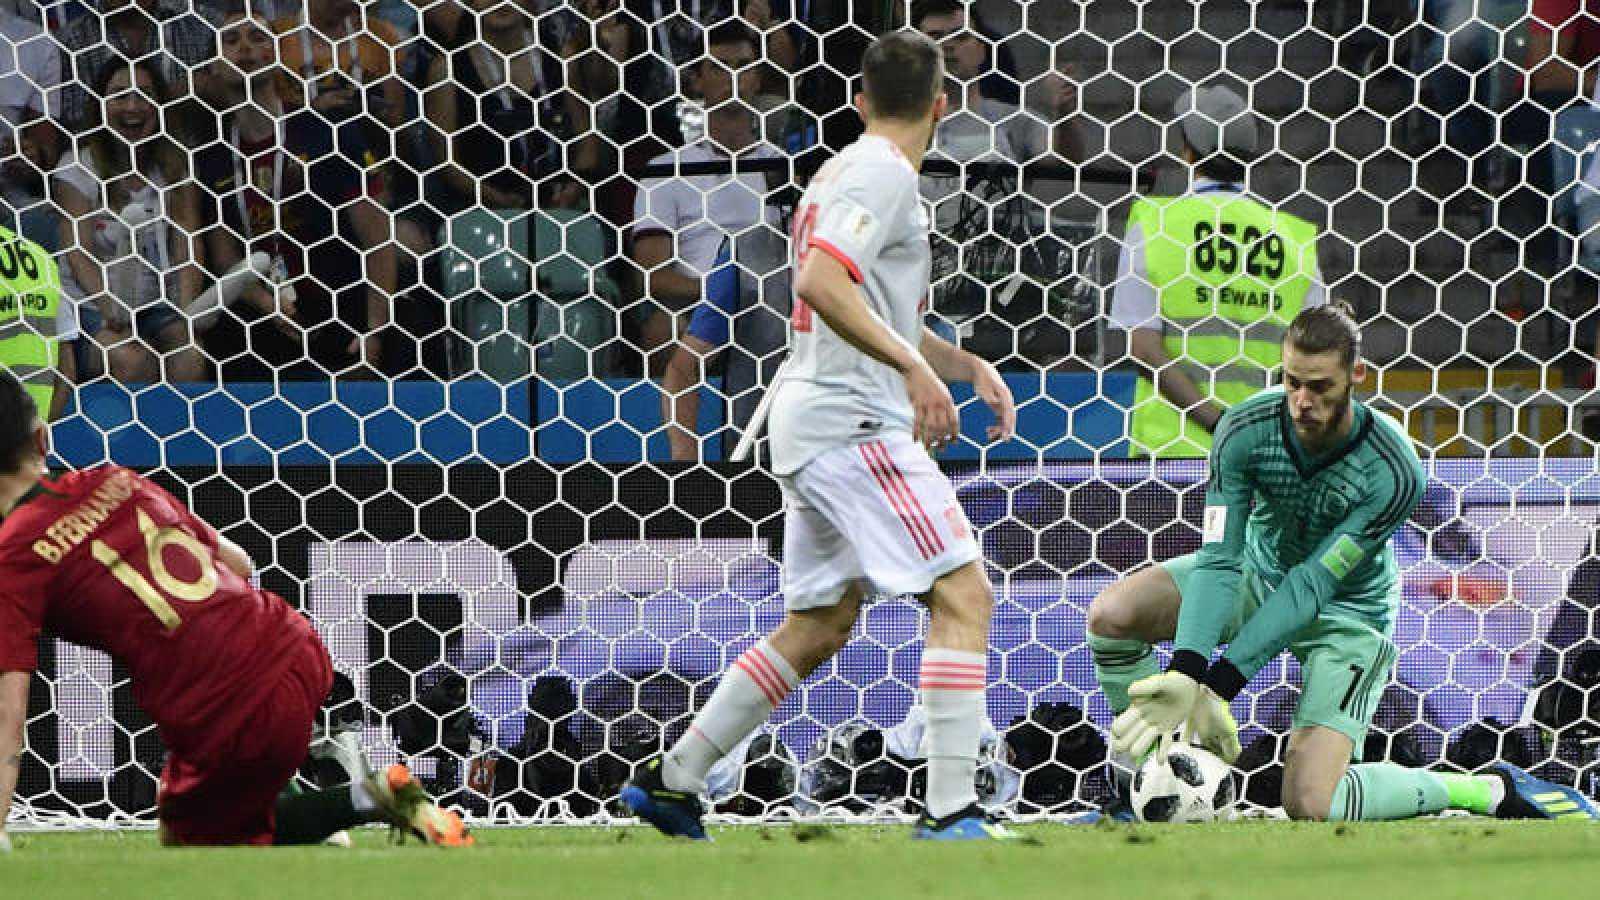 Momento del fallo de David de Gea en el segundo gol de Portugal.